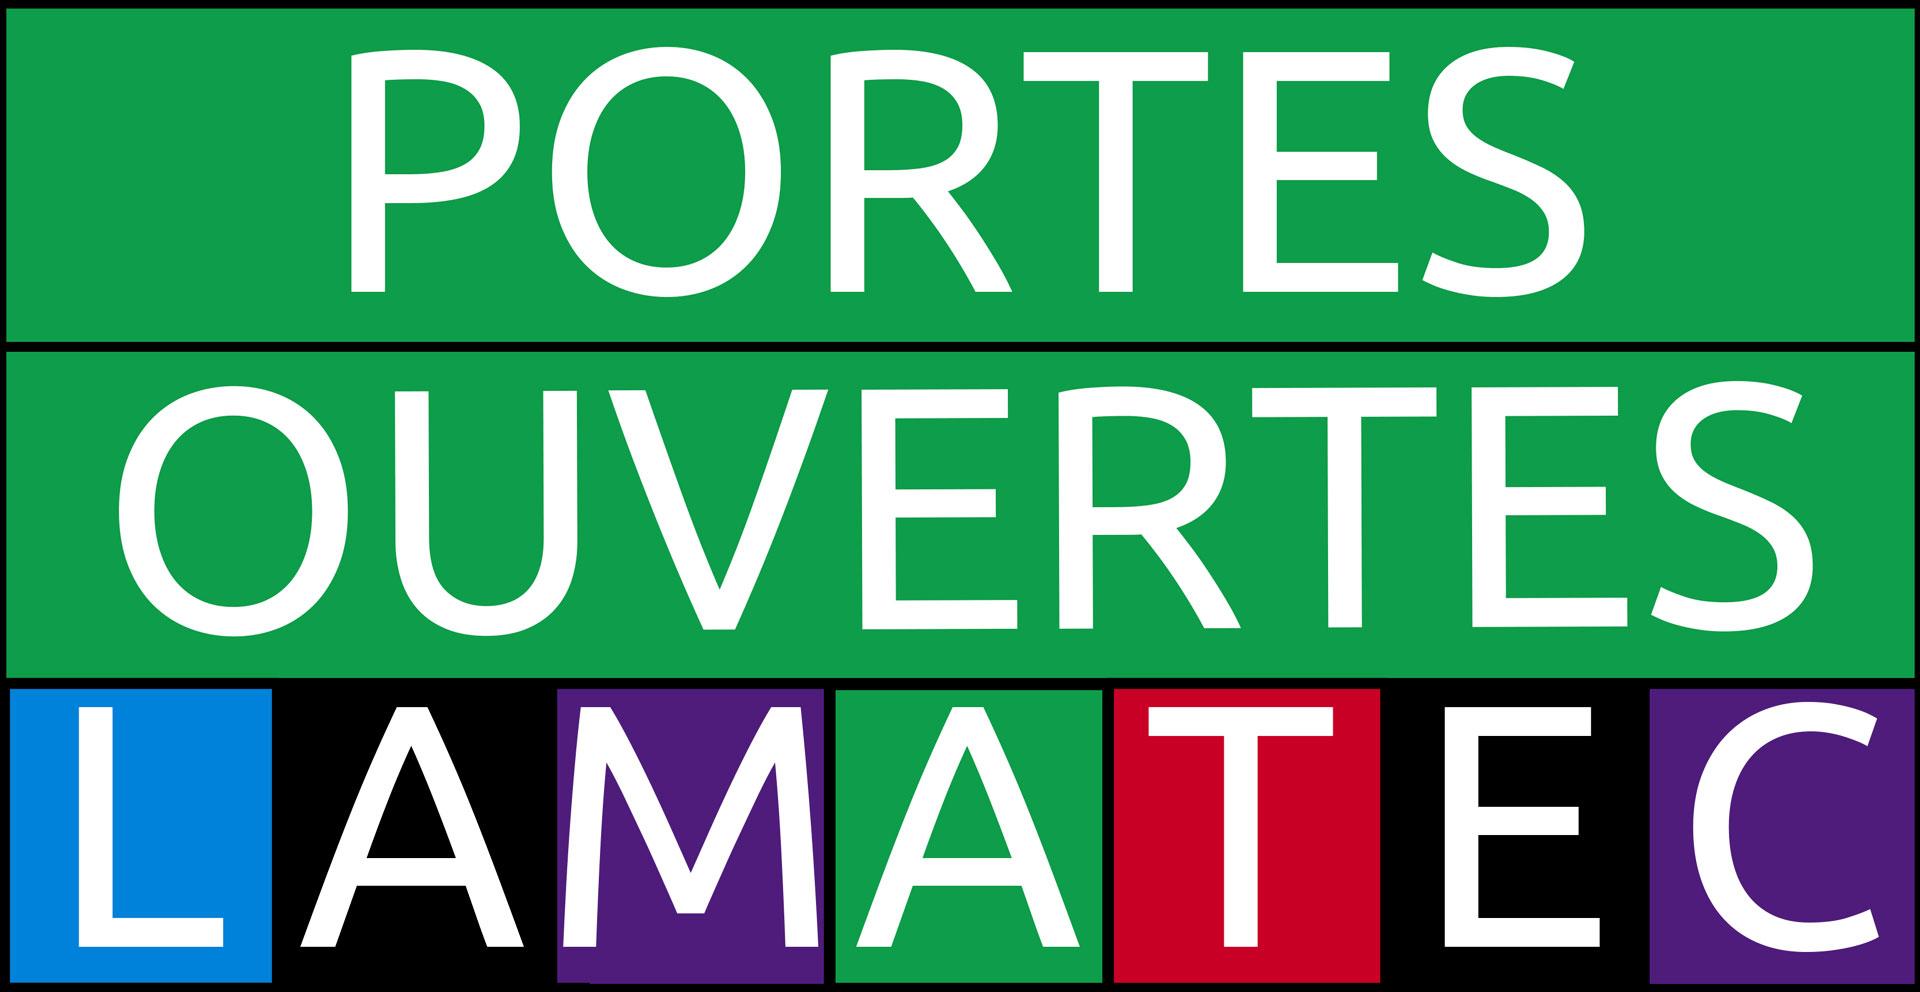 Portes ouvertes Lamatec 2016